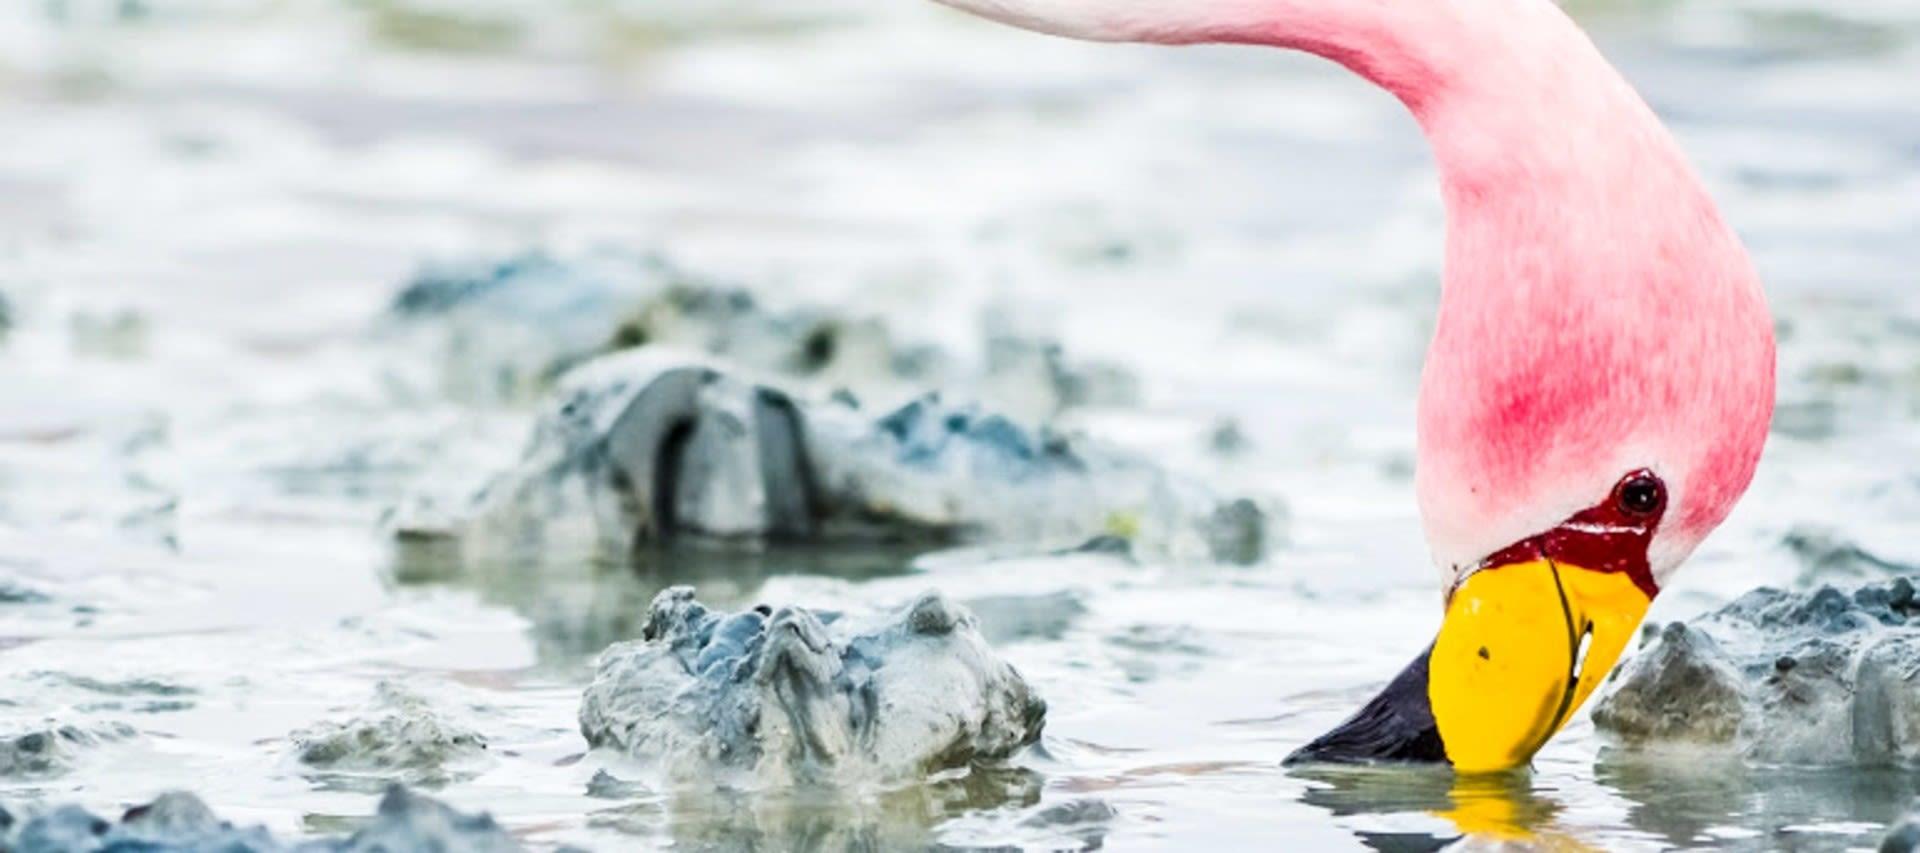 Flamingo sticks beak into mud of Bolivia